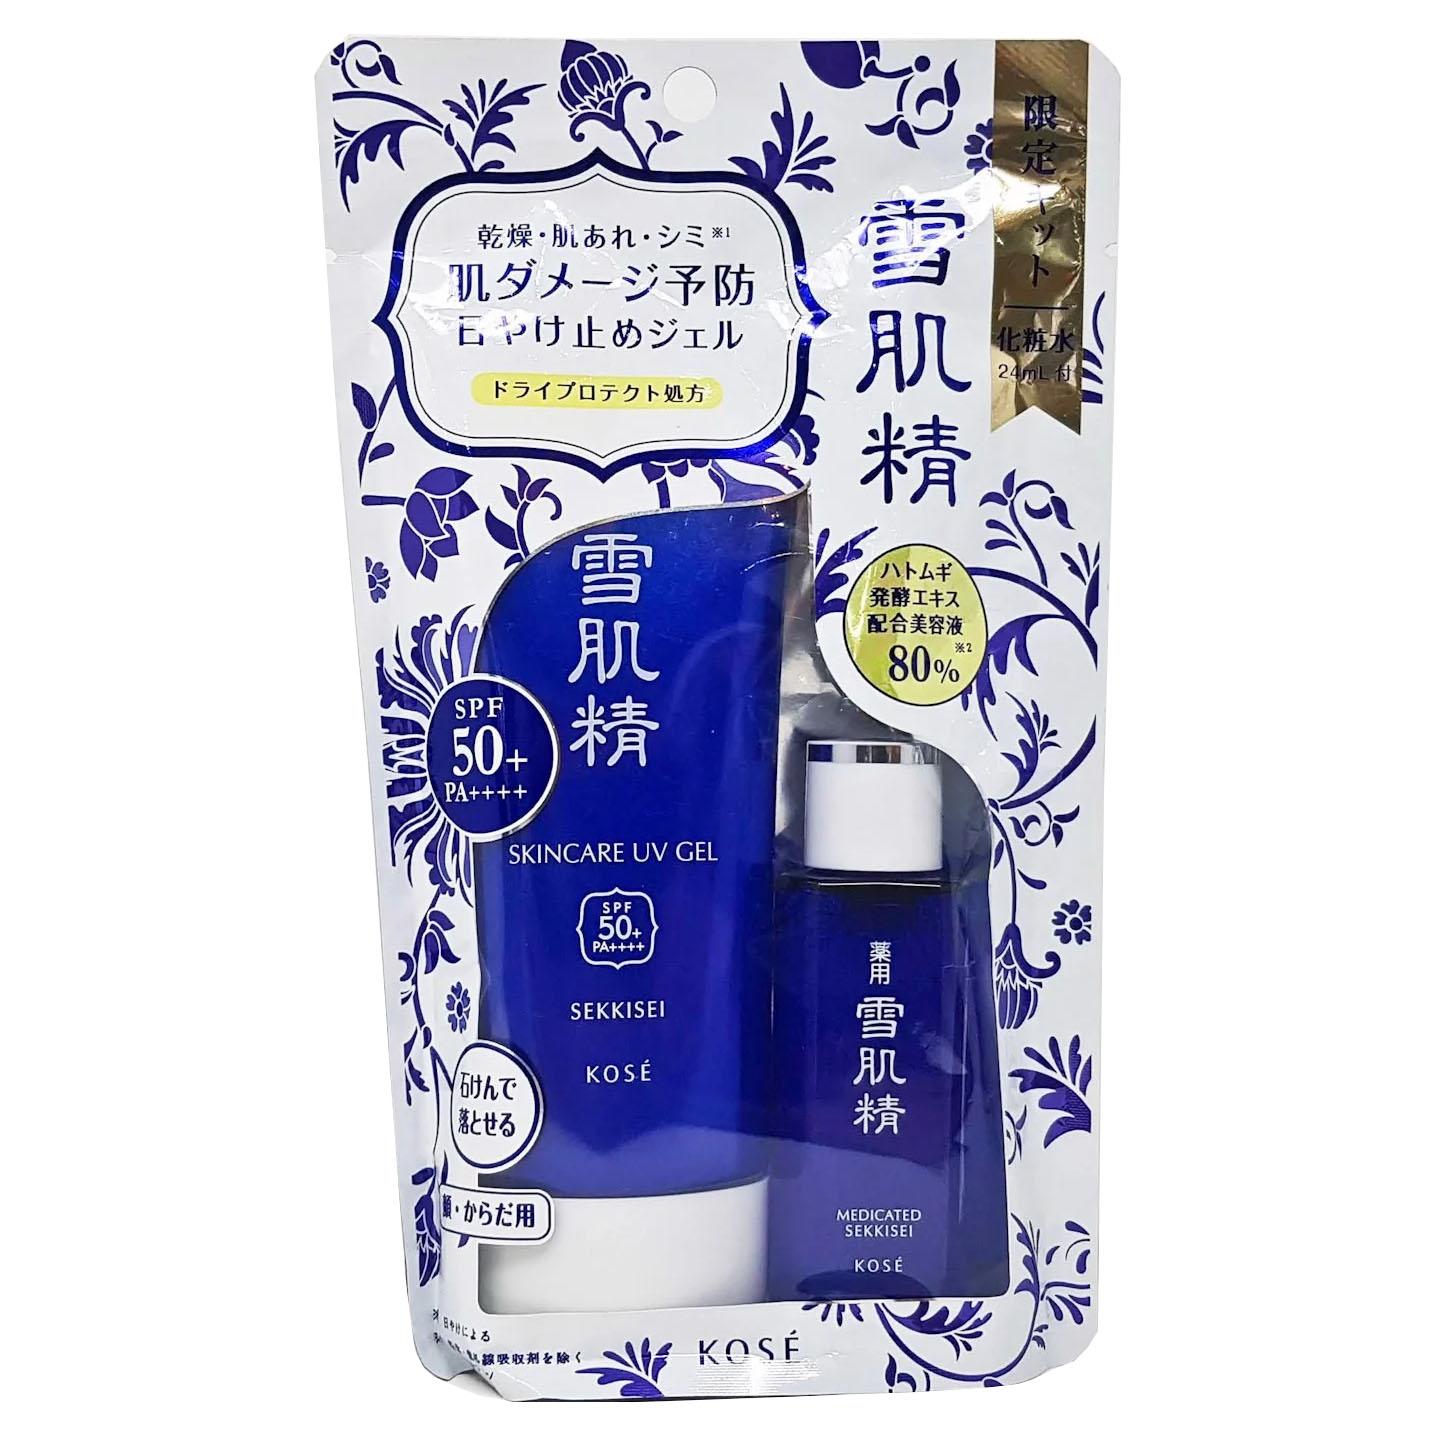 Set gel chống nắng KOSE SEKKISEI Skin Care UV MILK SPF50+PA++++ 90g + nước hoa hồng 24ml - Hàng Nhật nội địa